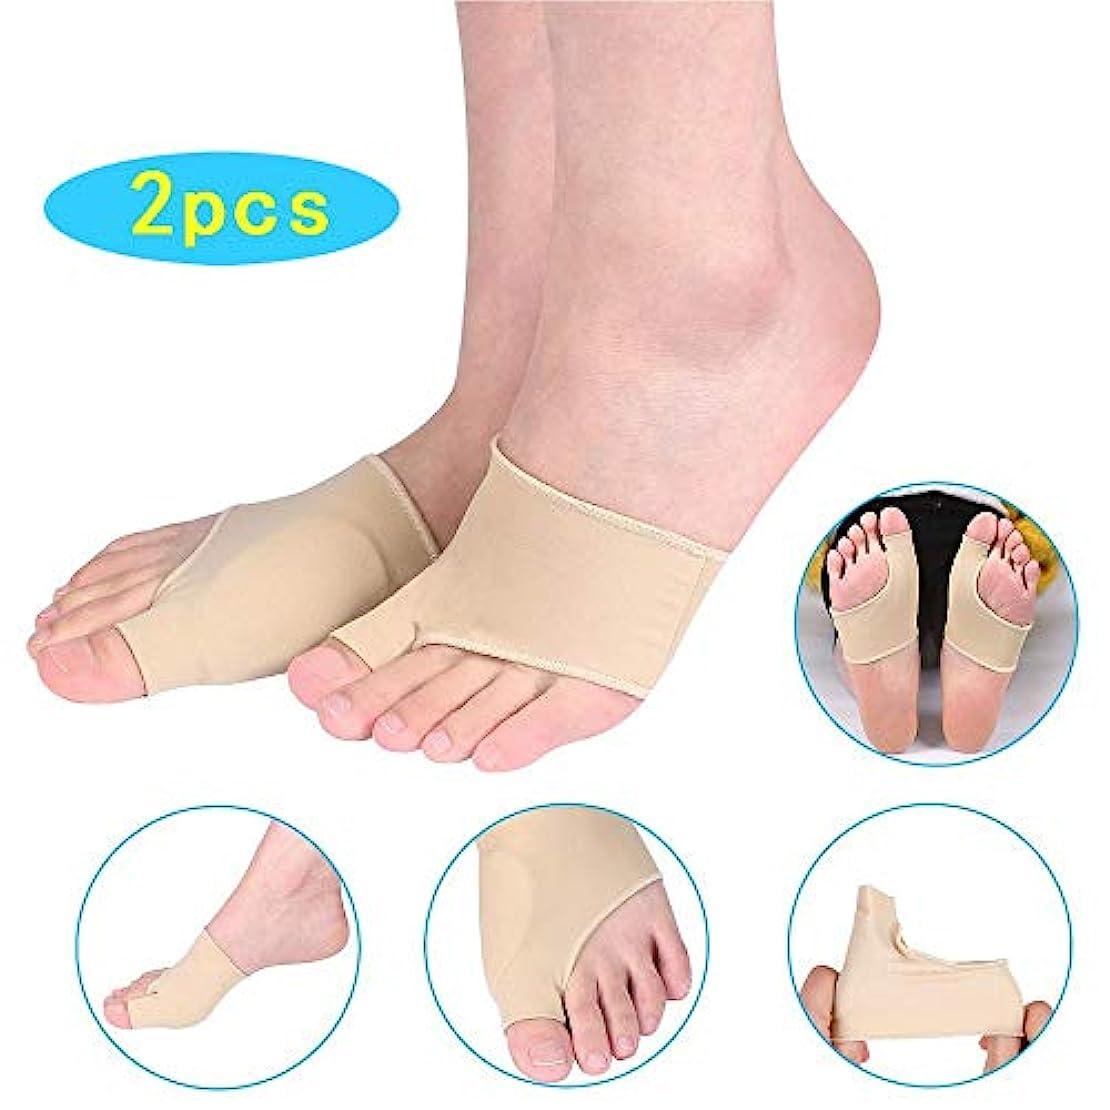 若さ改修する今後1対の腱膜瘤矯正器足の親指矯正器腱膜瘤クッション、内臓外反母Valの痛みを軽減するためのシリコンゲルパッド足指セパレーター内蔵(アプリコット色)